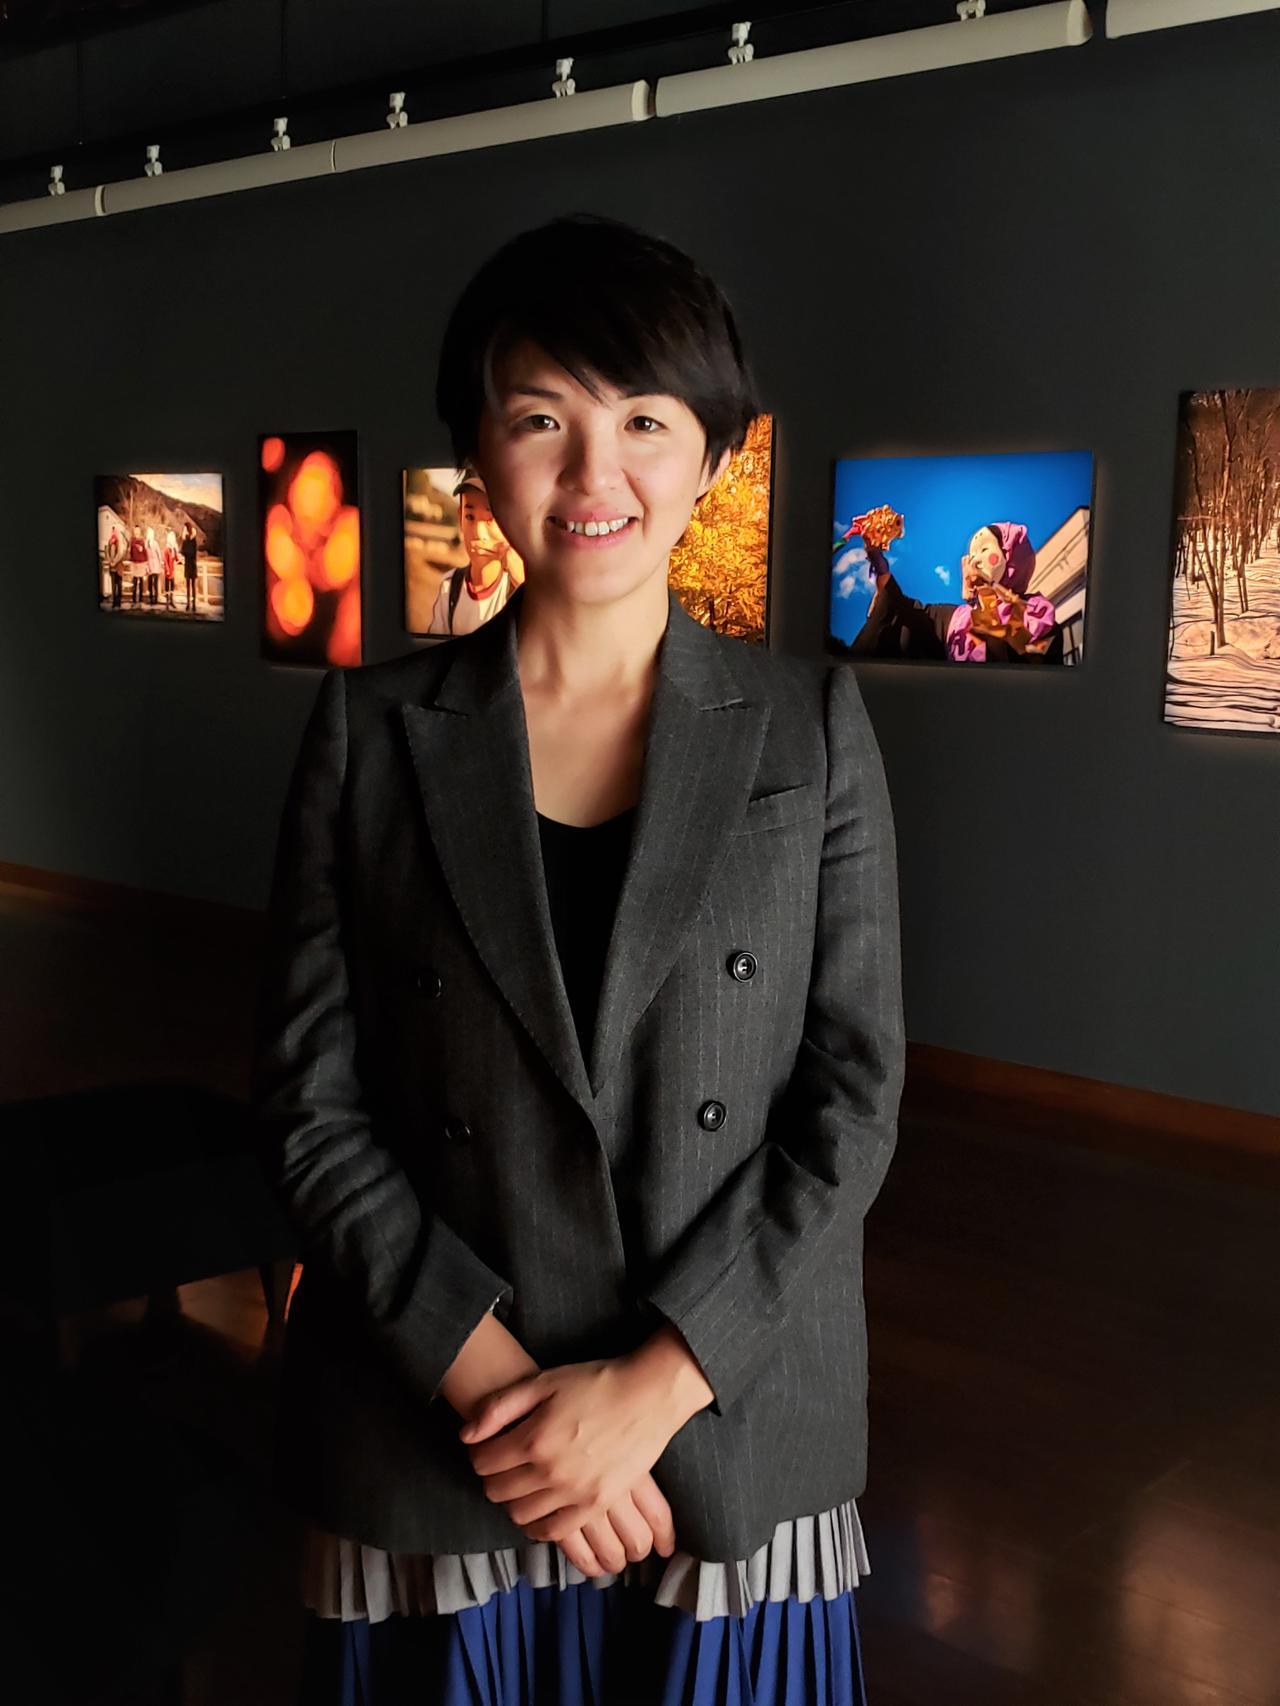 画像: 写真家の田頭真理子さん。写真展に来場される方々が、明るくユーモアいっぱいの田頭さんとお話されていると、皆さん笑顔で楽しそうに写真を鑑賞されていました。